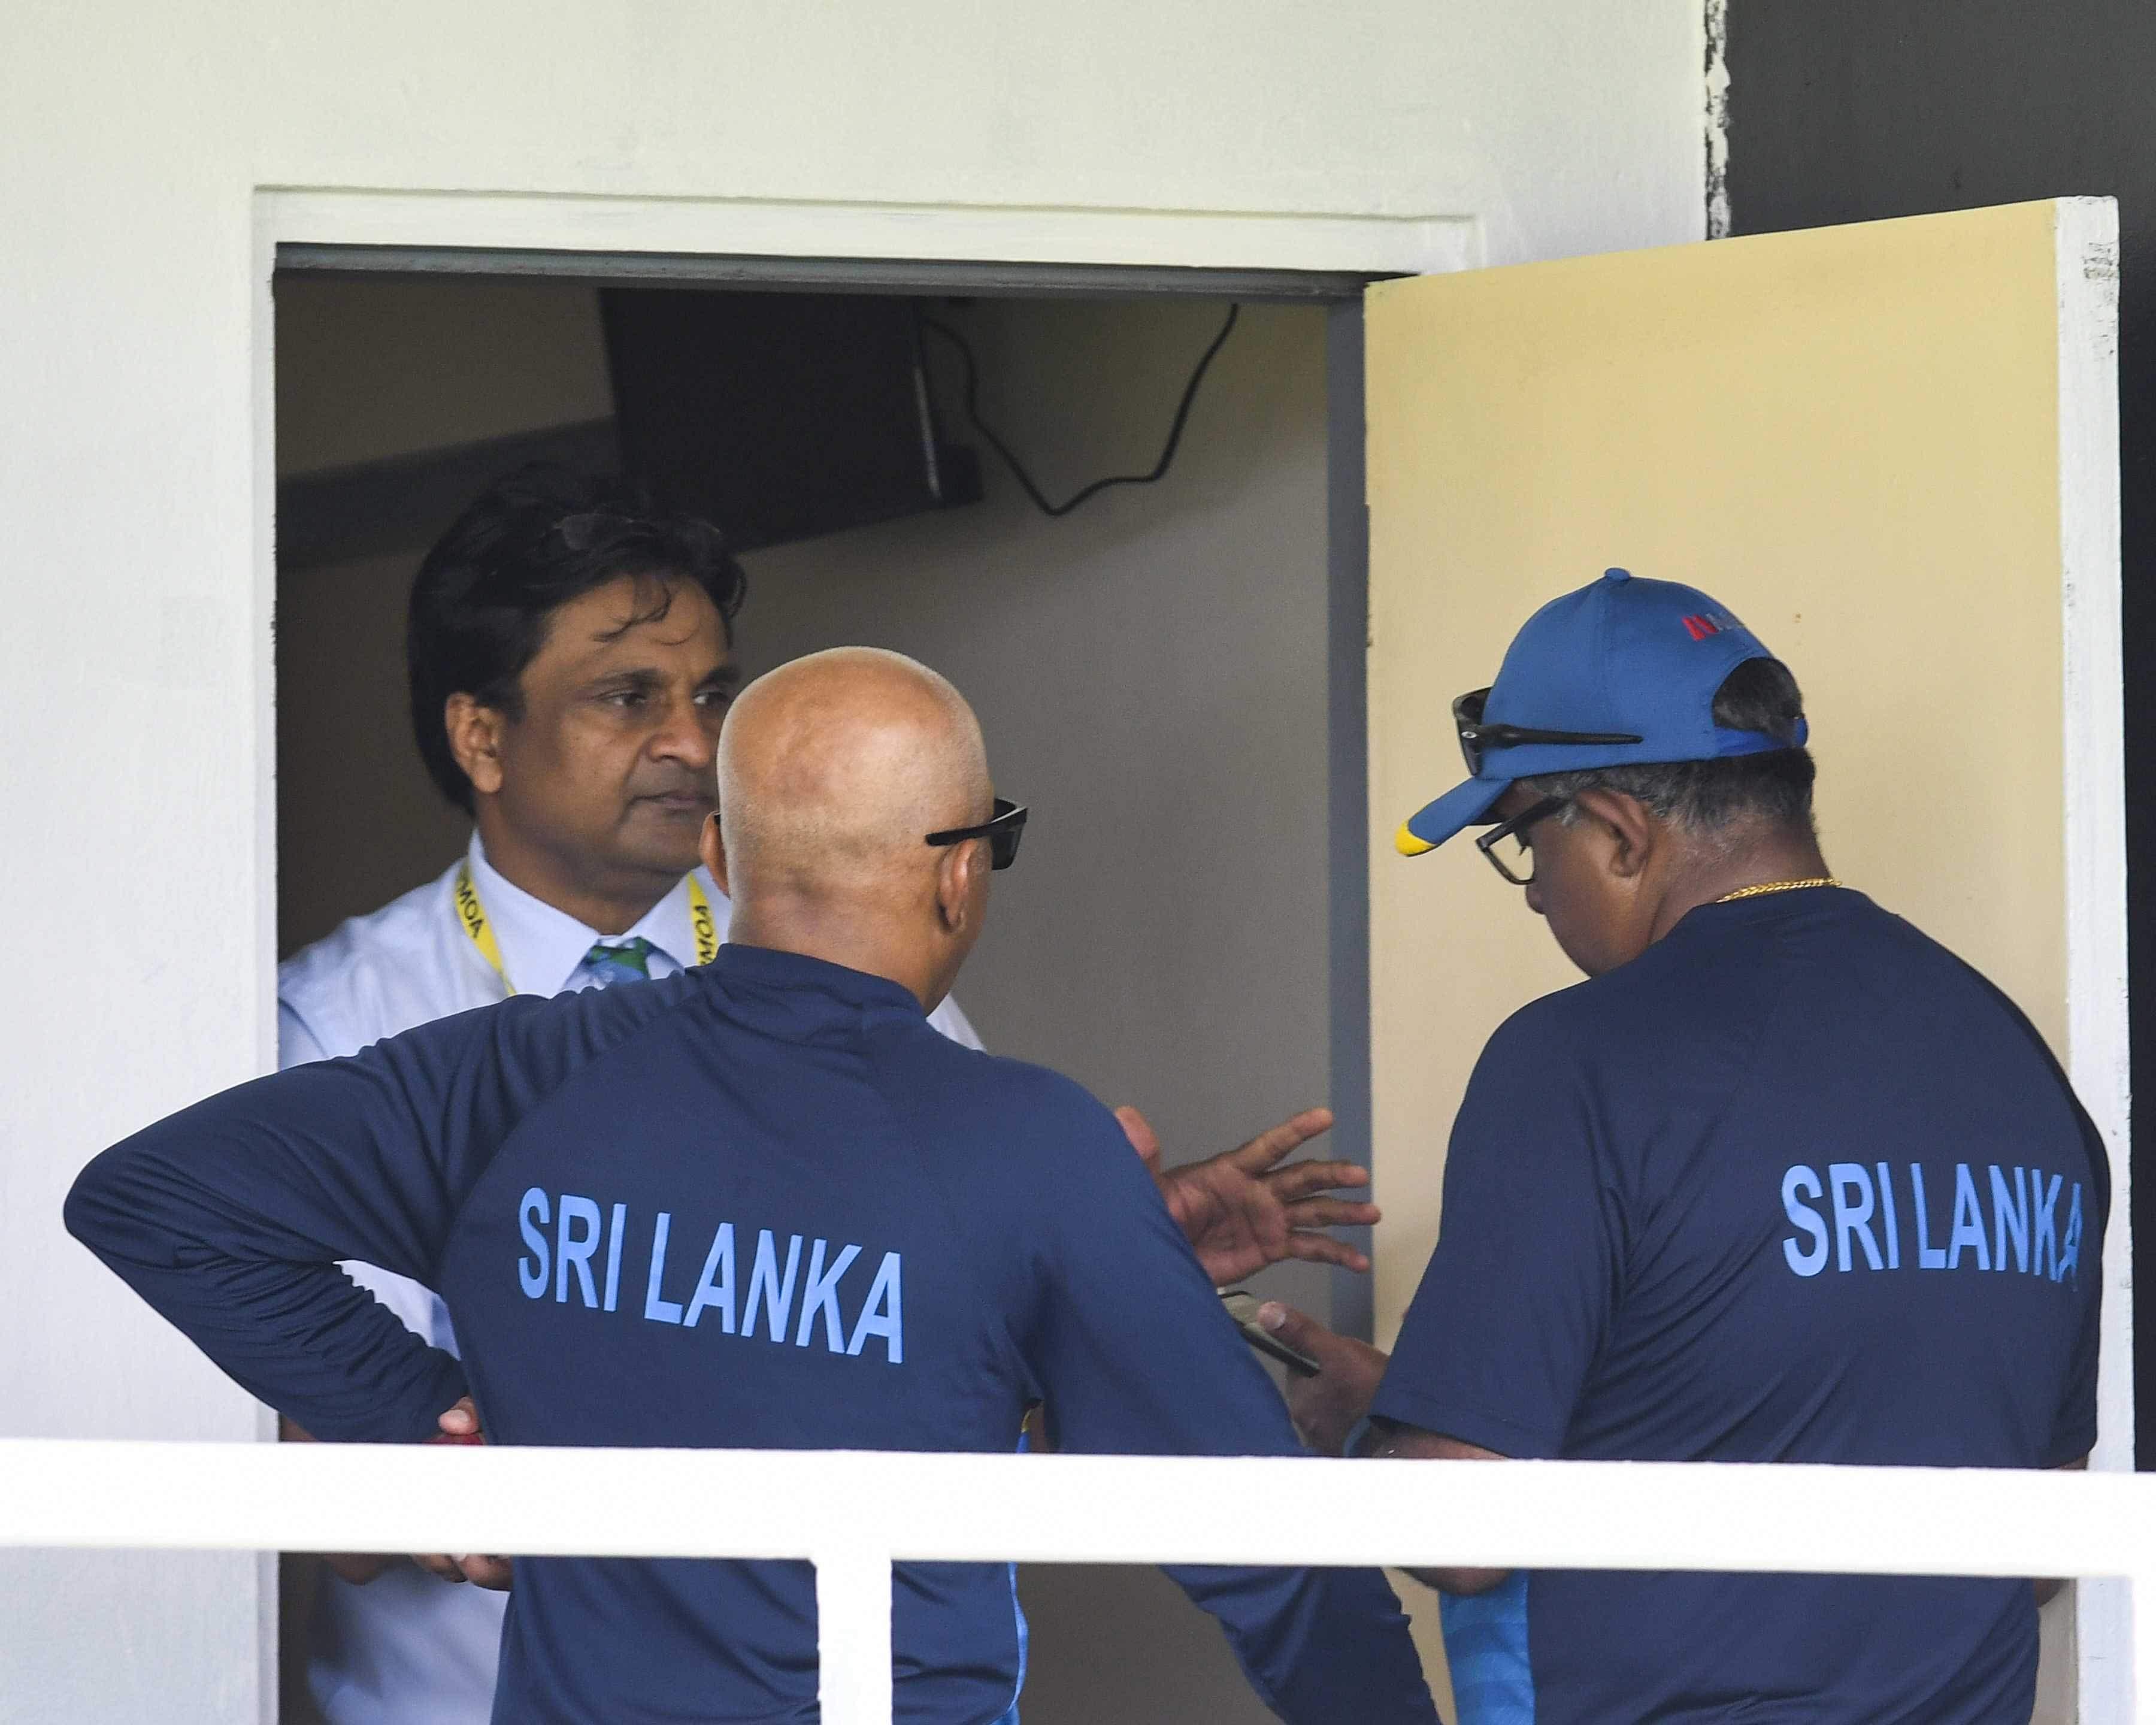 बॉल टेम्परिंग विवाद पर श्रीलंकाई क्रिकेट बोर्ड ने अपने खिलाड़ियों को लेकर कही ये चौंकाने वाली बात